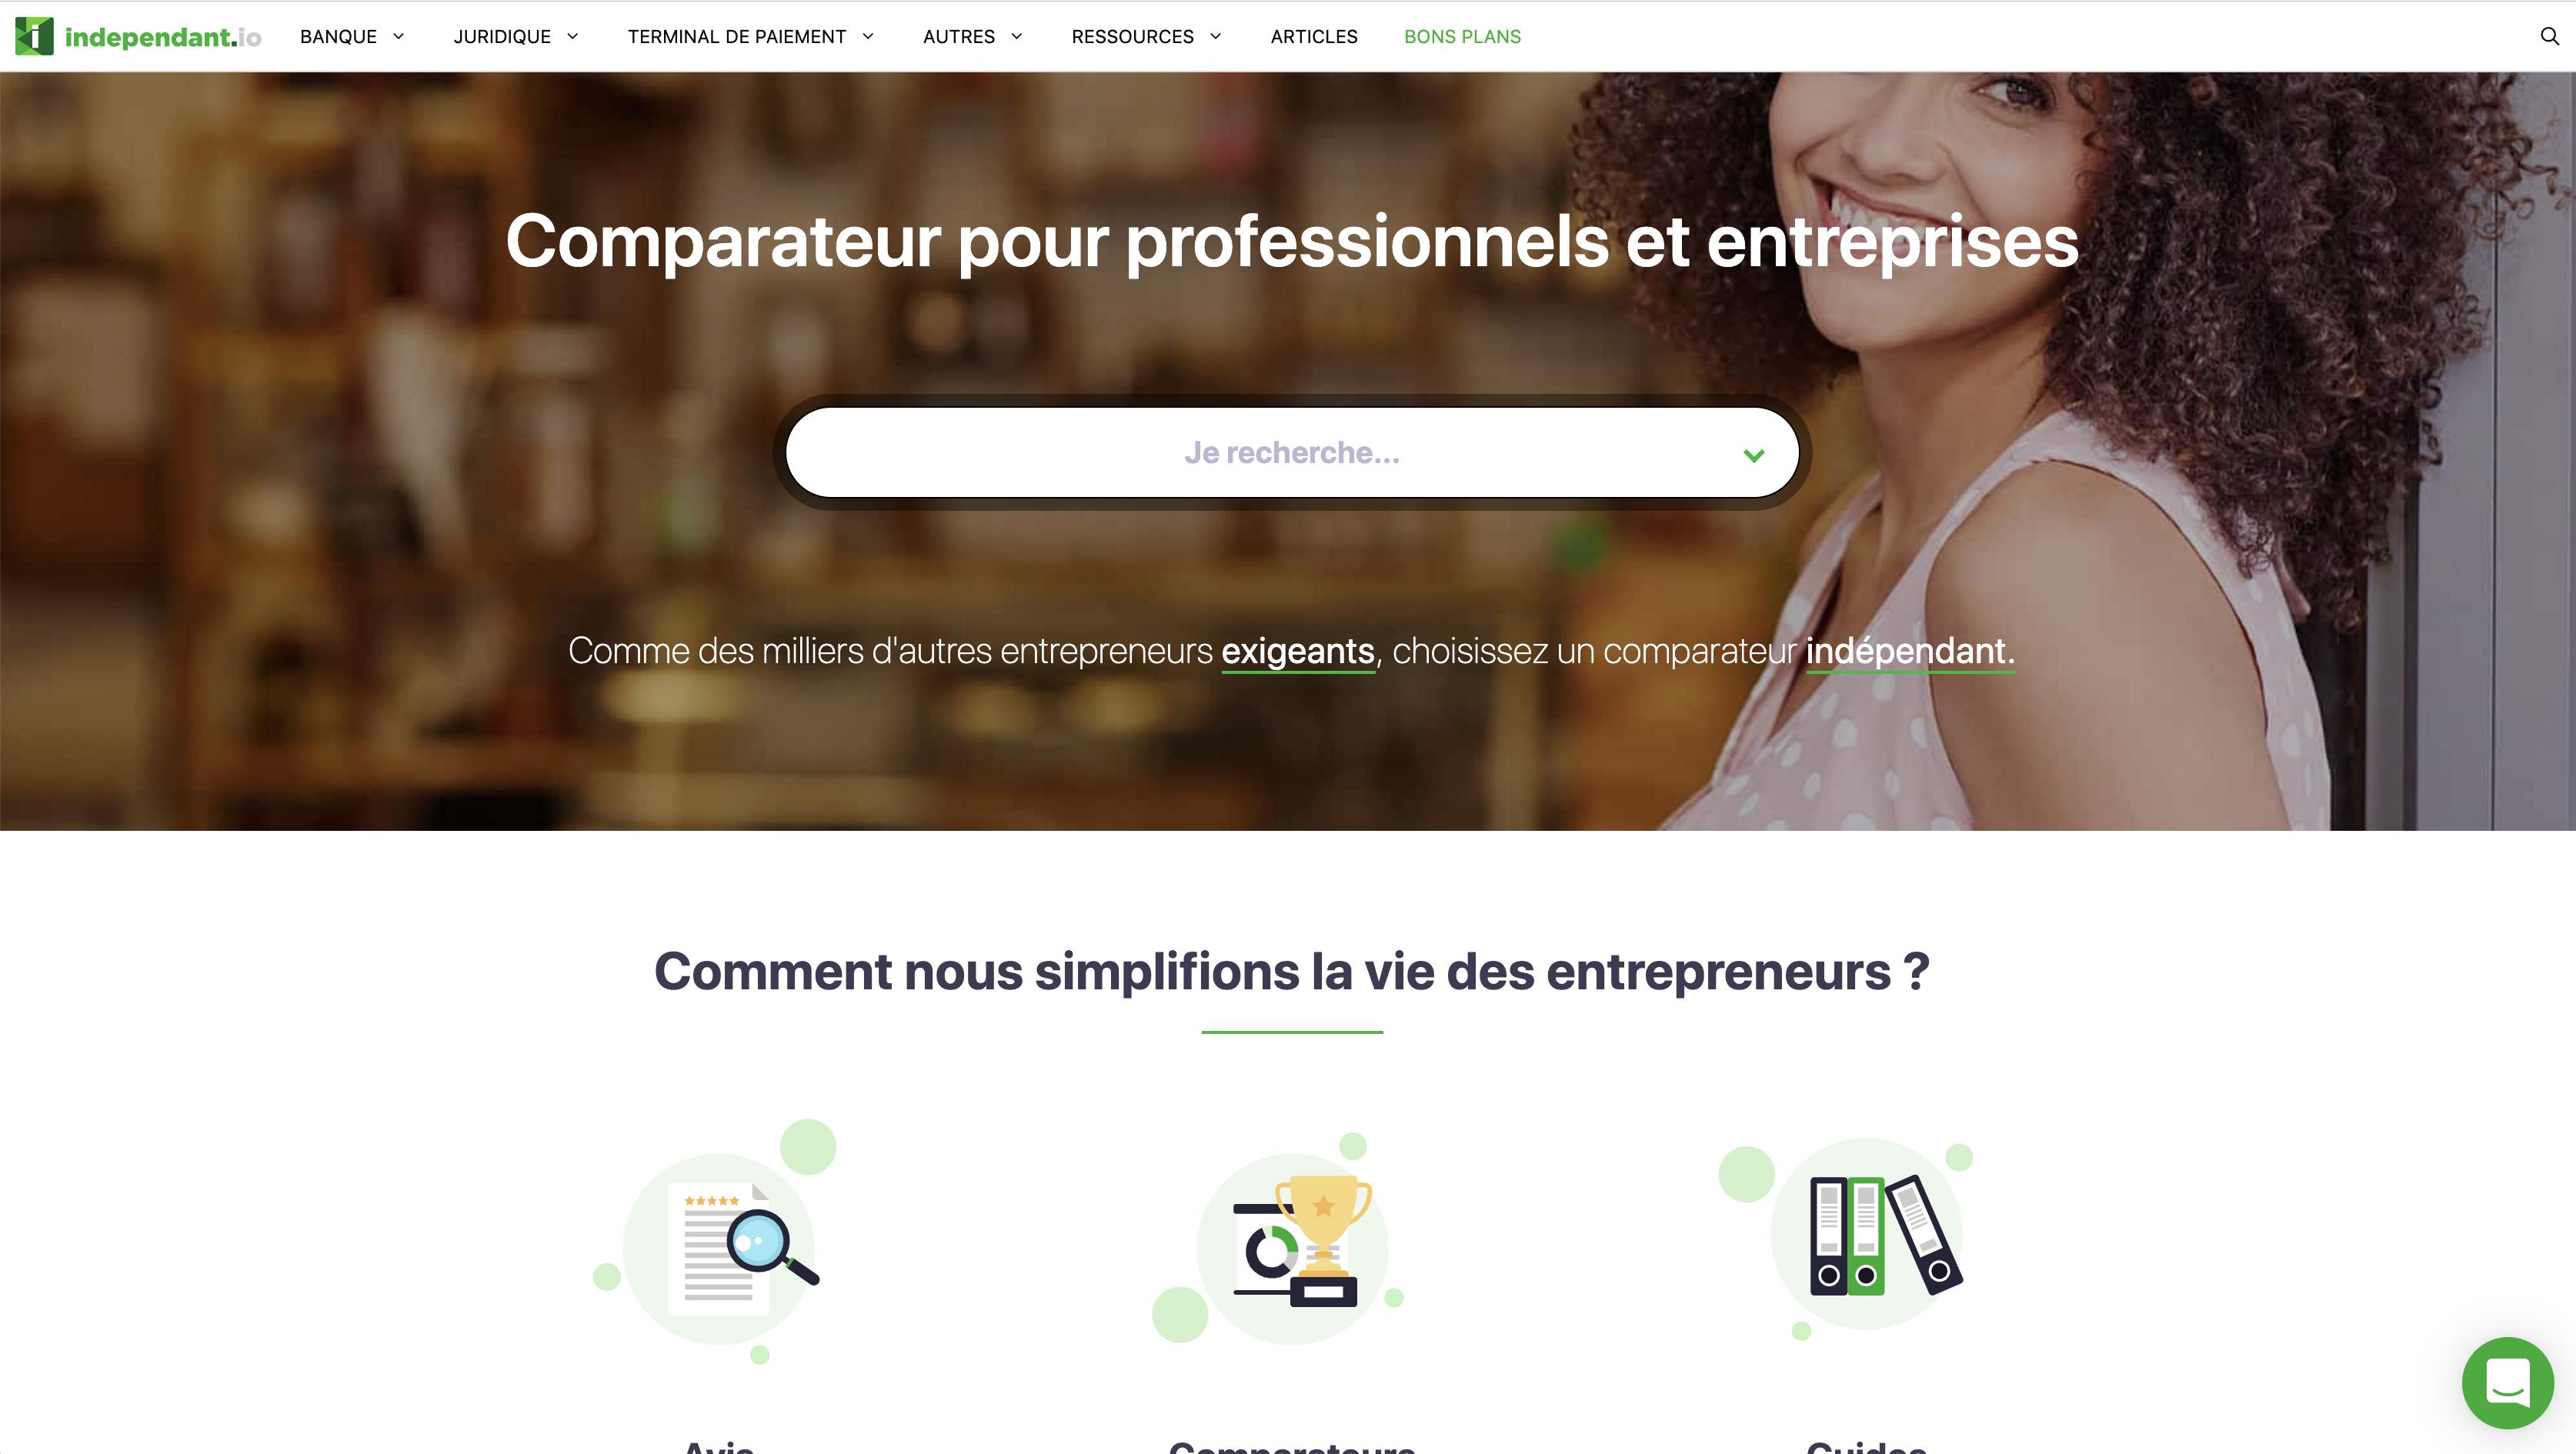 image Le comparateur indépendant d'outils pour freelances : independant.io